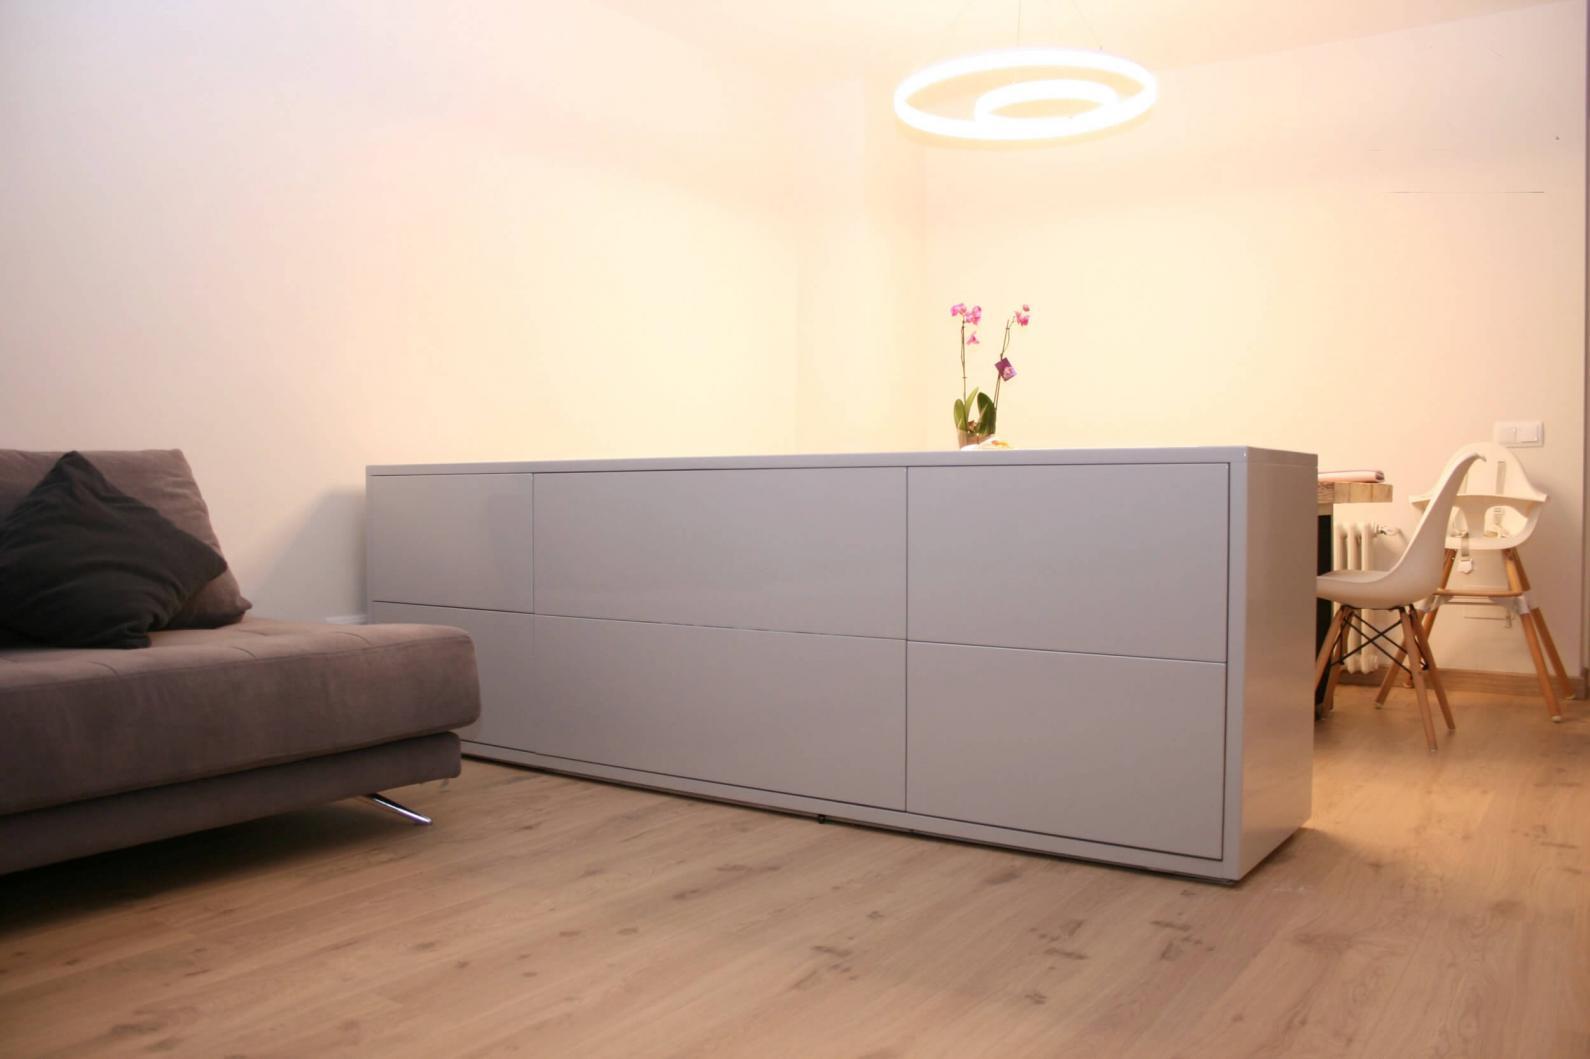 Mueble tv oculta a medida y muebles de dise o marquel for Mueble que esconde la tv